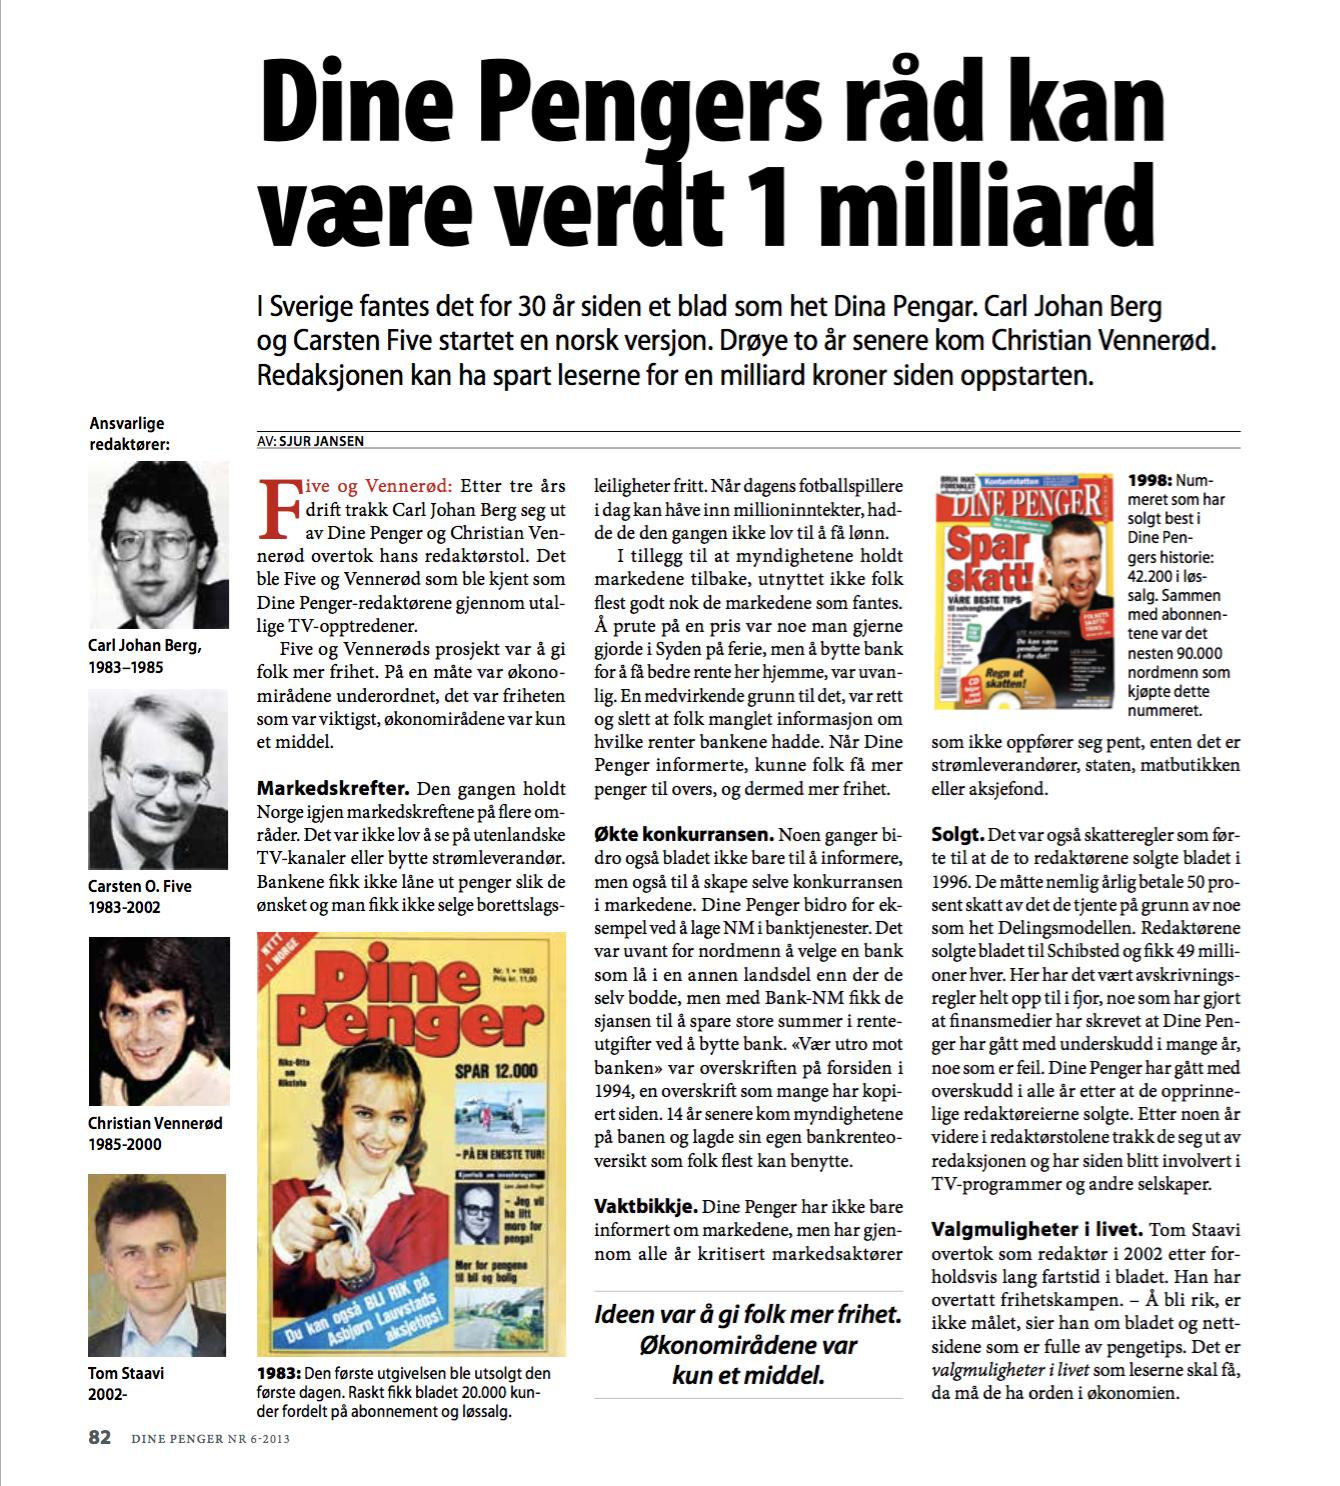 Skjermdump av artikkel skrevet av Sjur Jansen. Artikkelen handler om bedriften Dine Pengers historie.